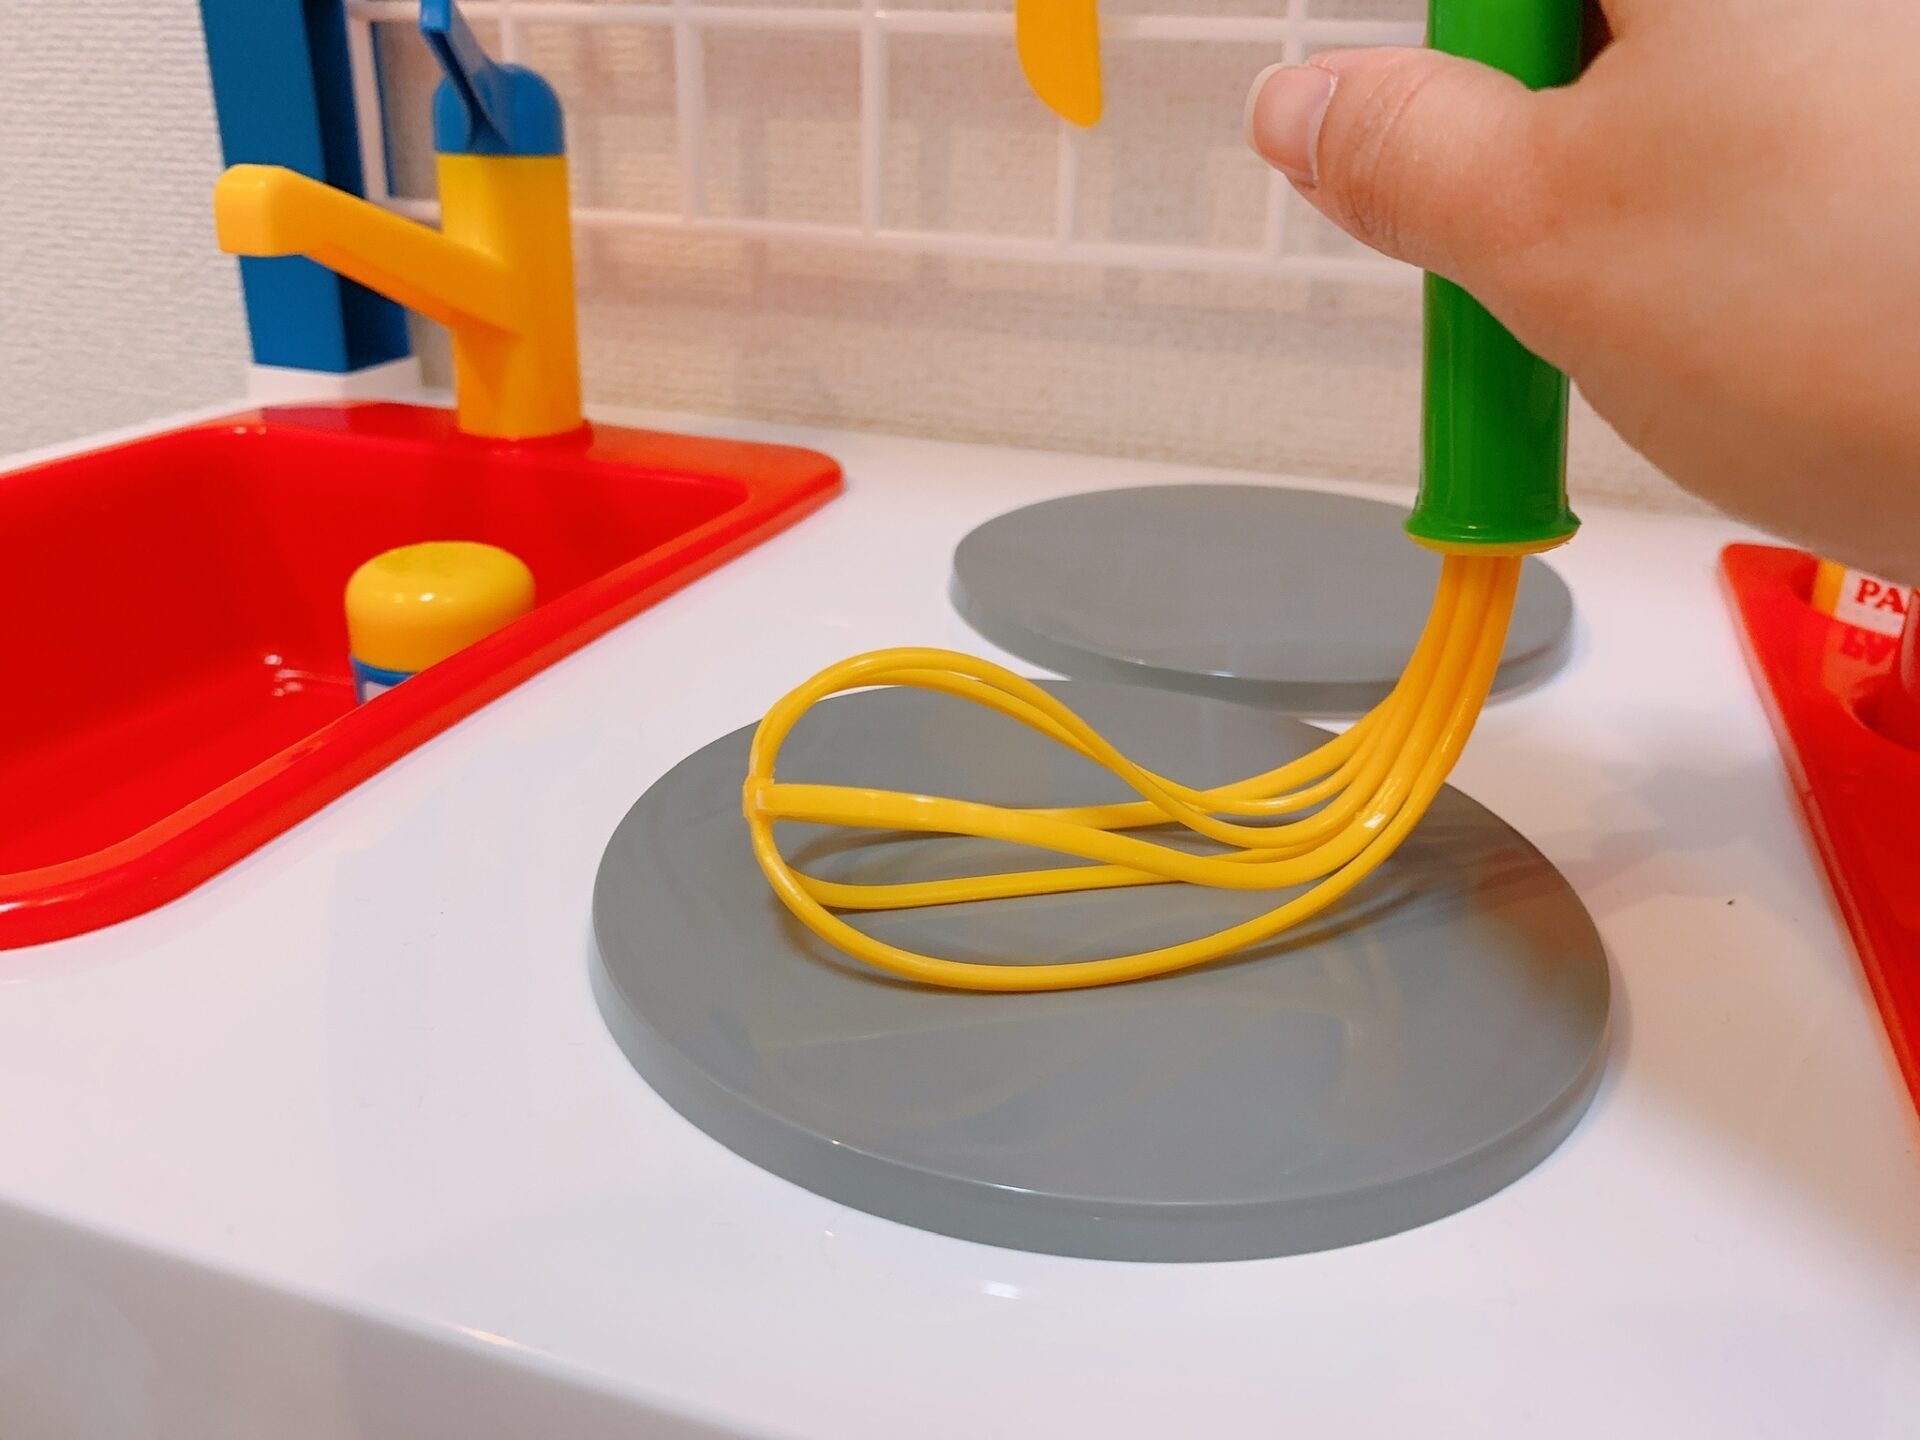 キッチンセンターの泡立て器